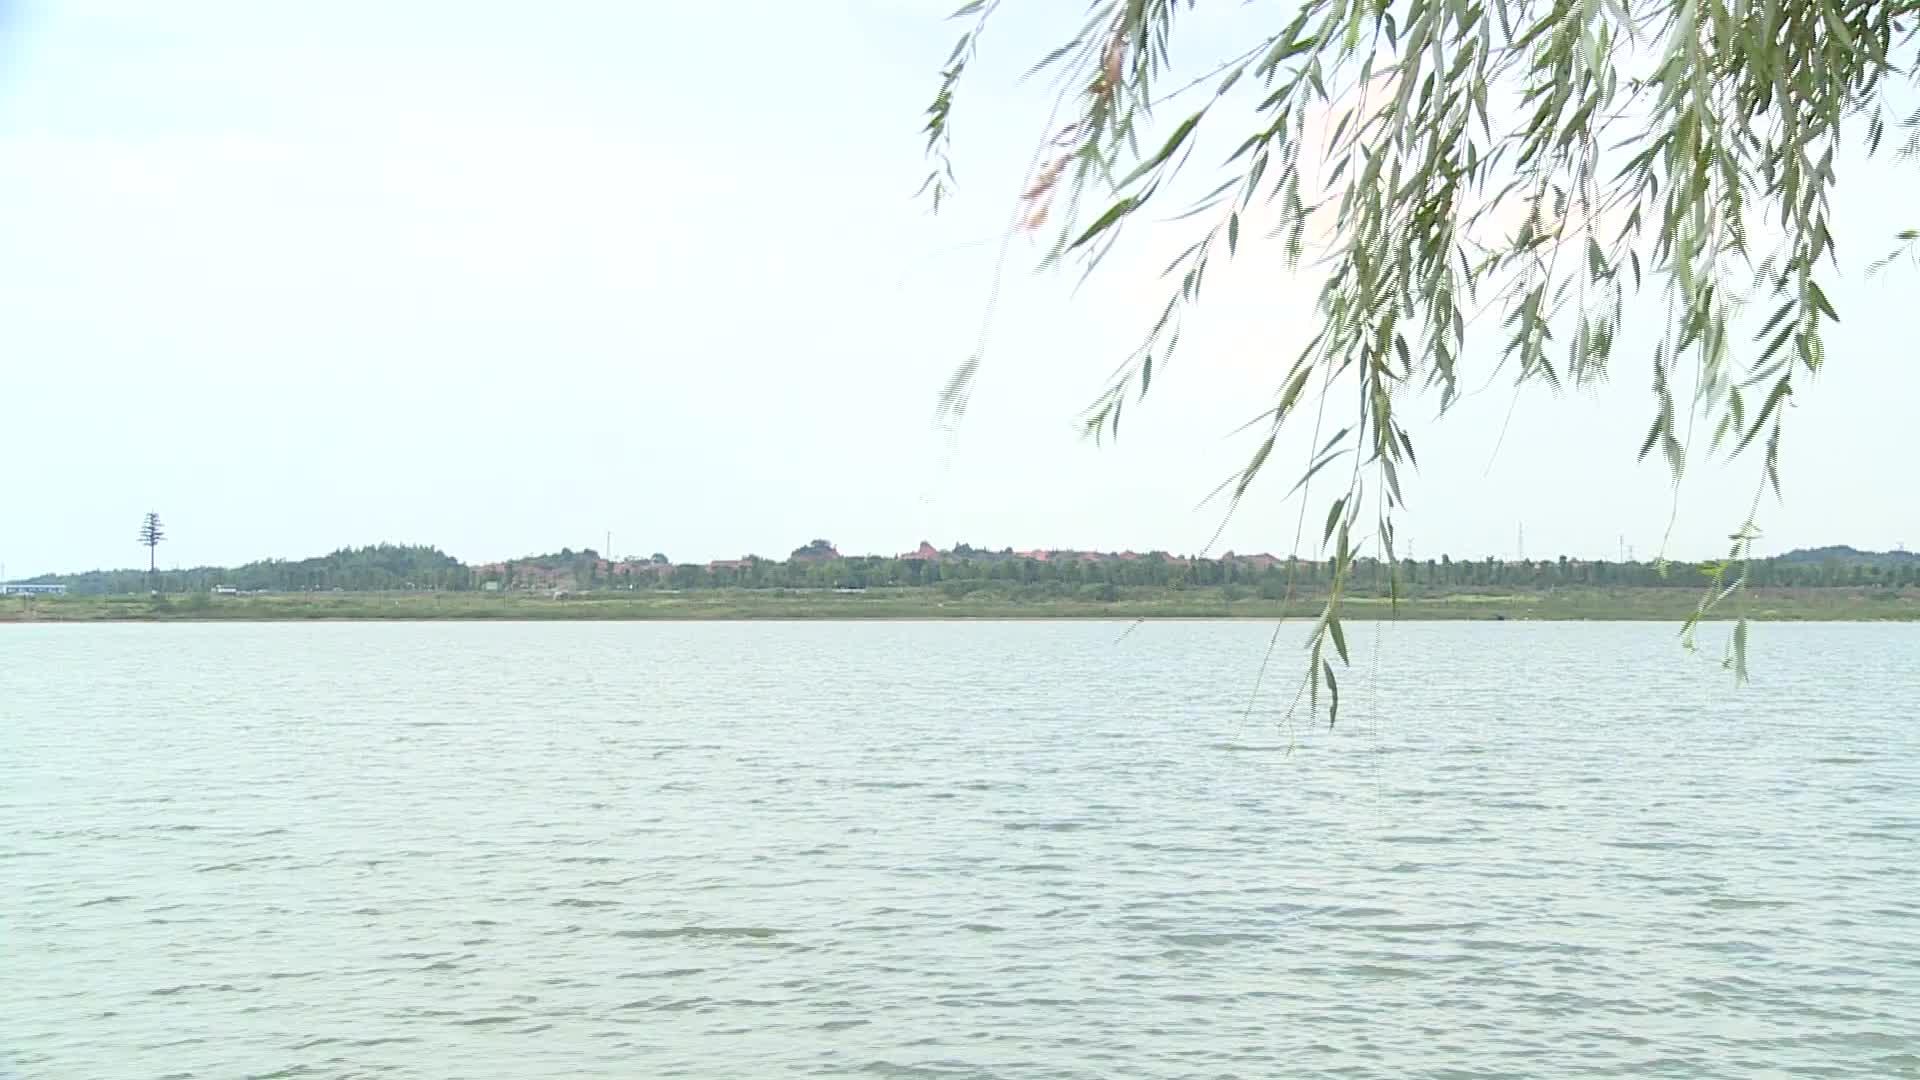 2017年 湖南全省地表水水质总体为优